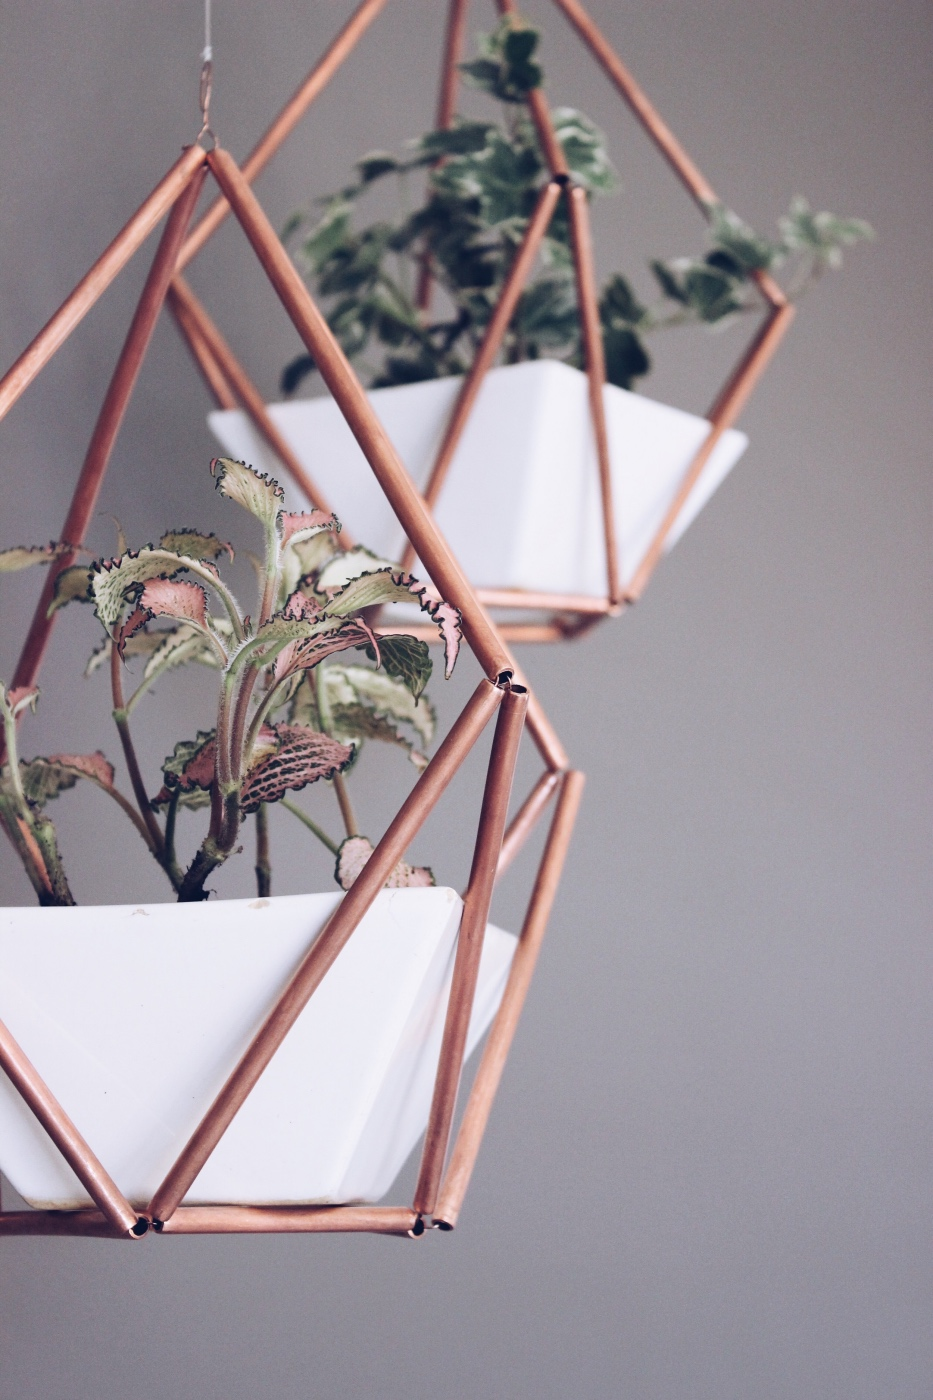 DIY-Copper-Himmeli-Hanging-Planter-Hello-Lovely-Living